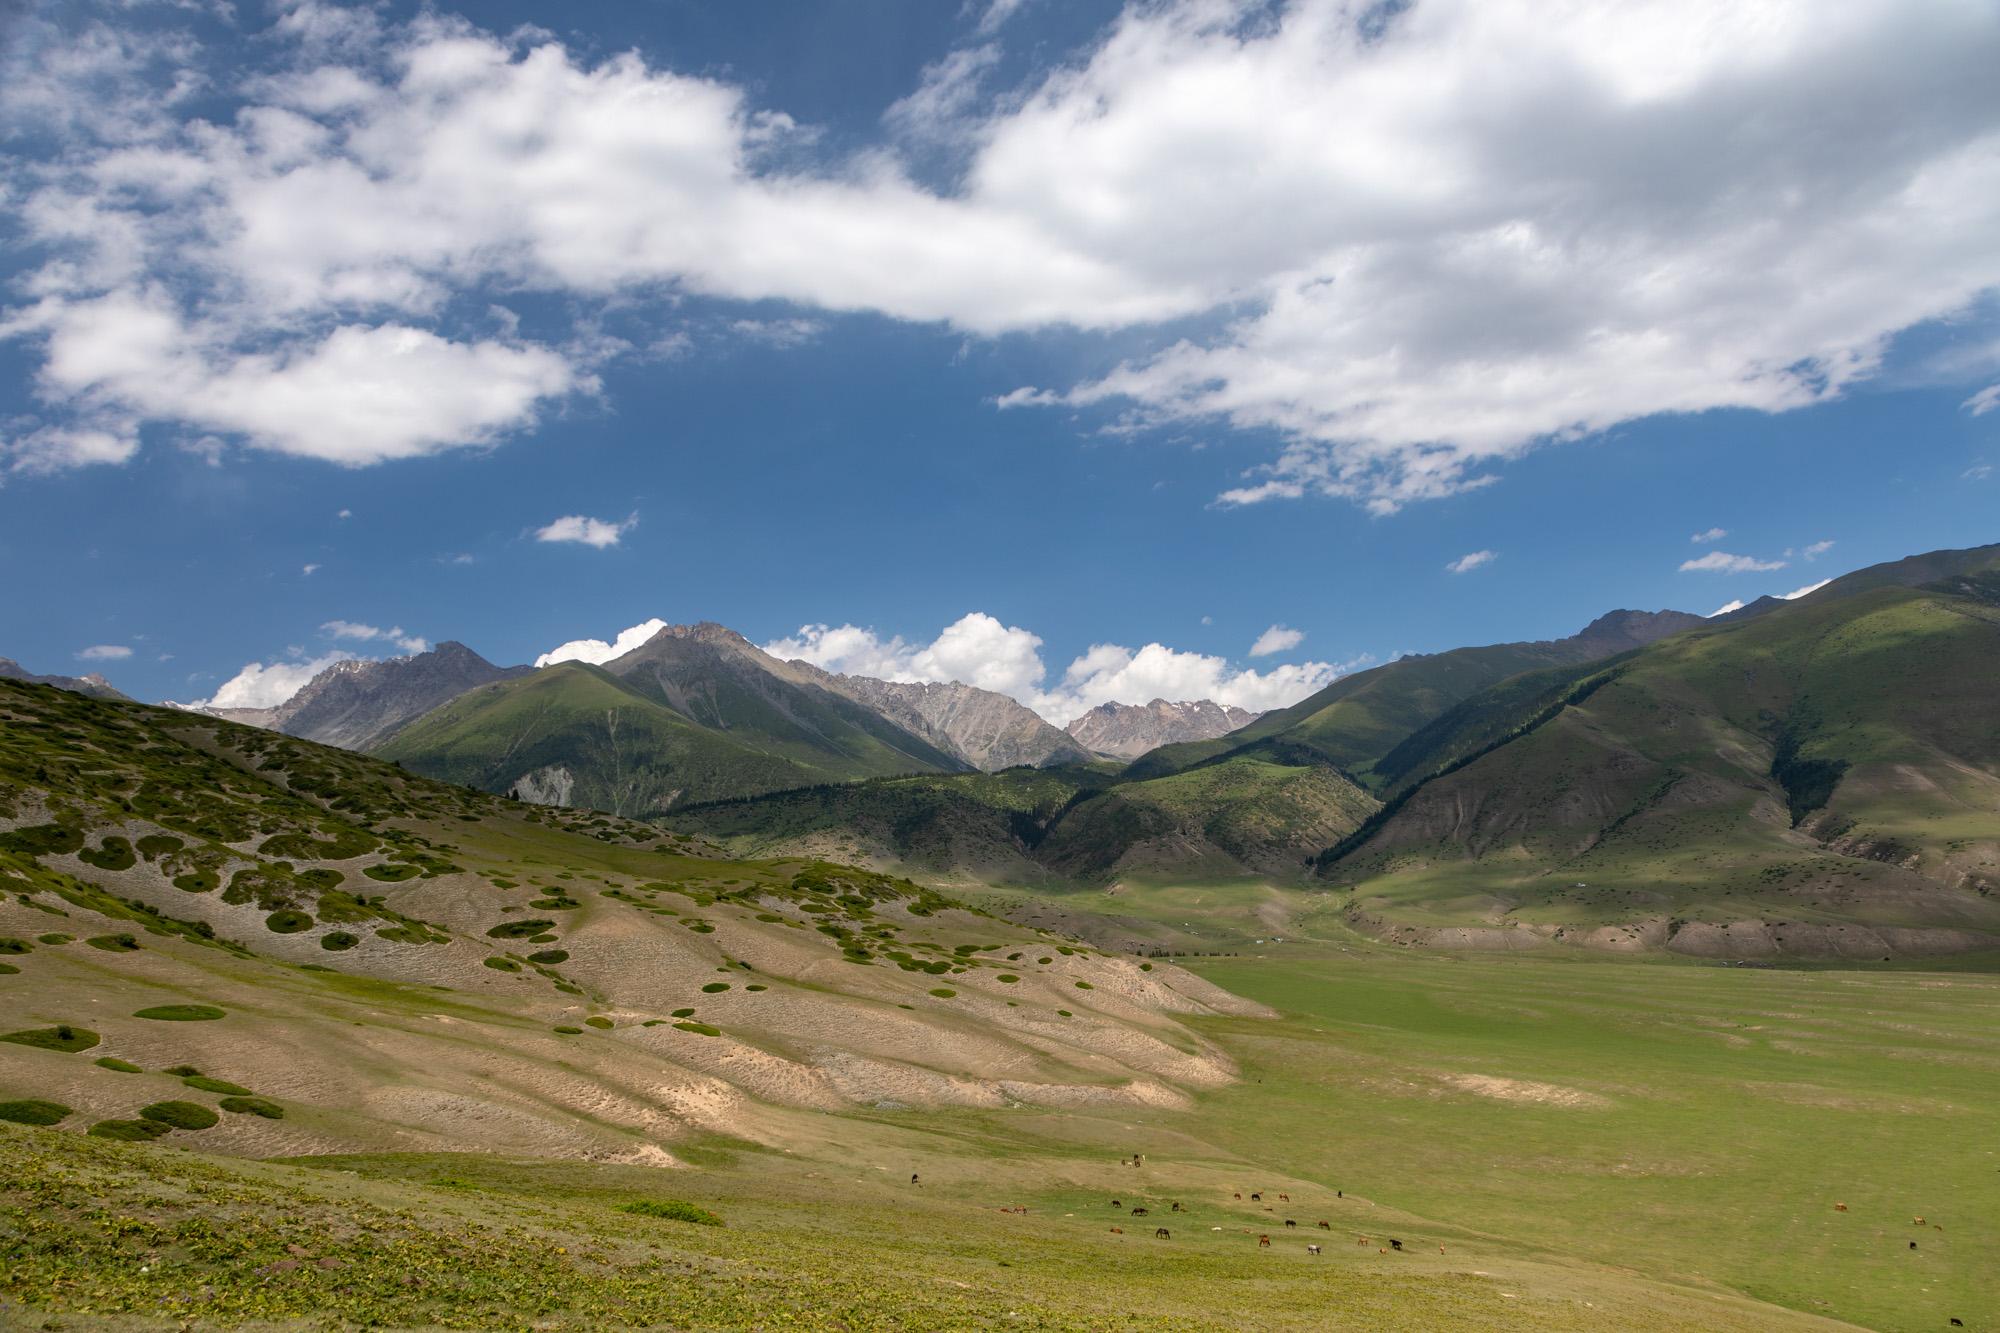 Semyenovka Tal in Kirgistan, Kyrgyz Republic